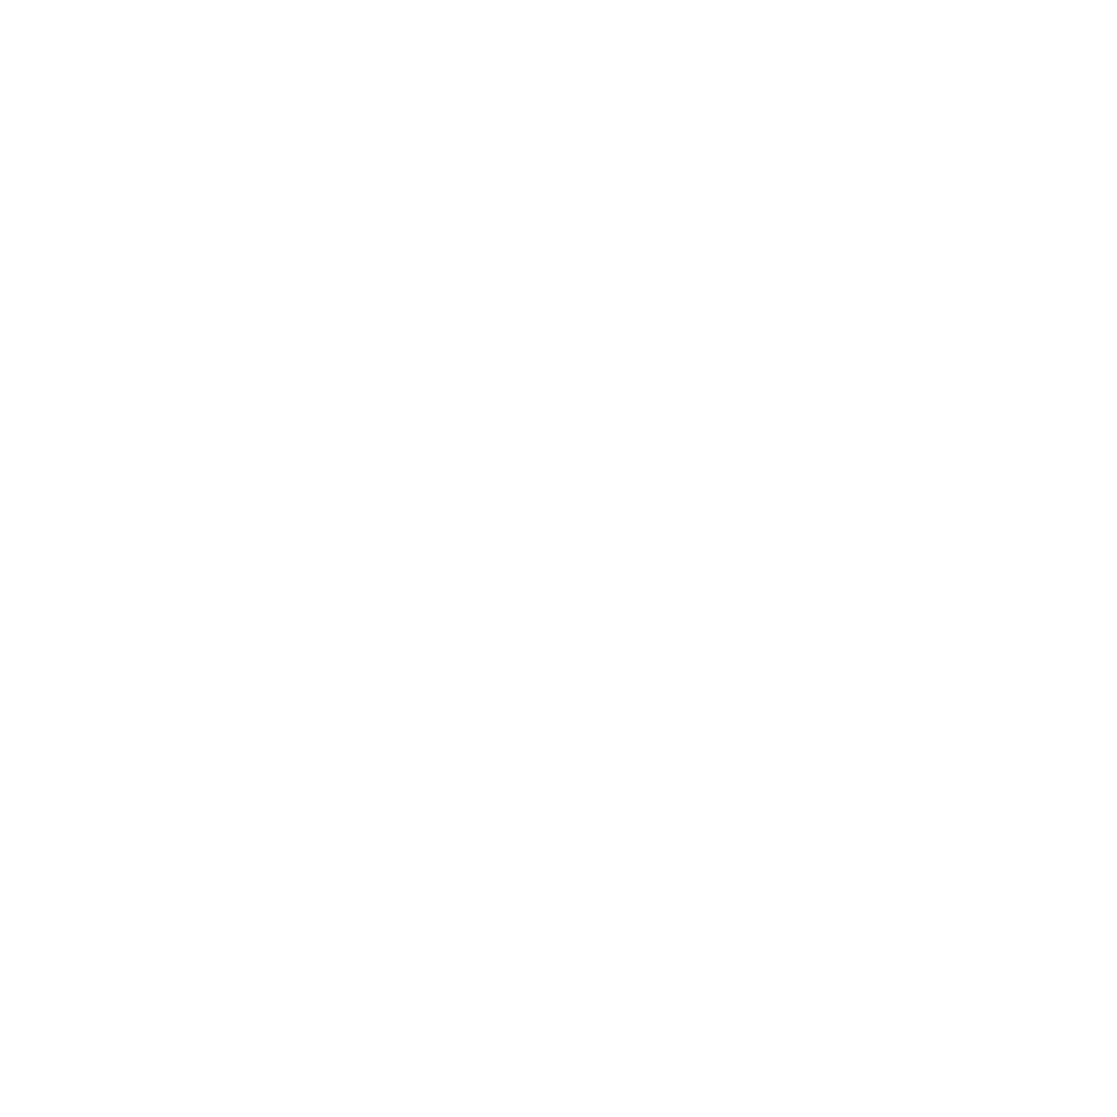 汉川市2013—2014(上)期末七年级数学试题